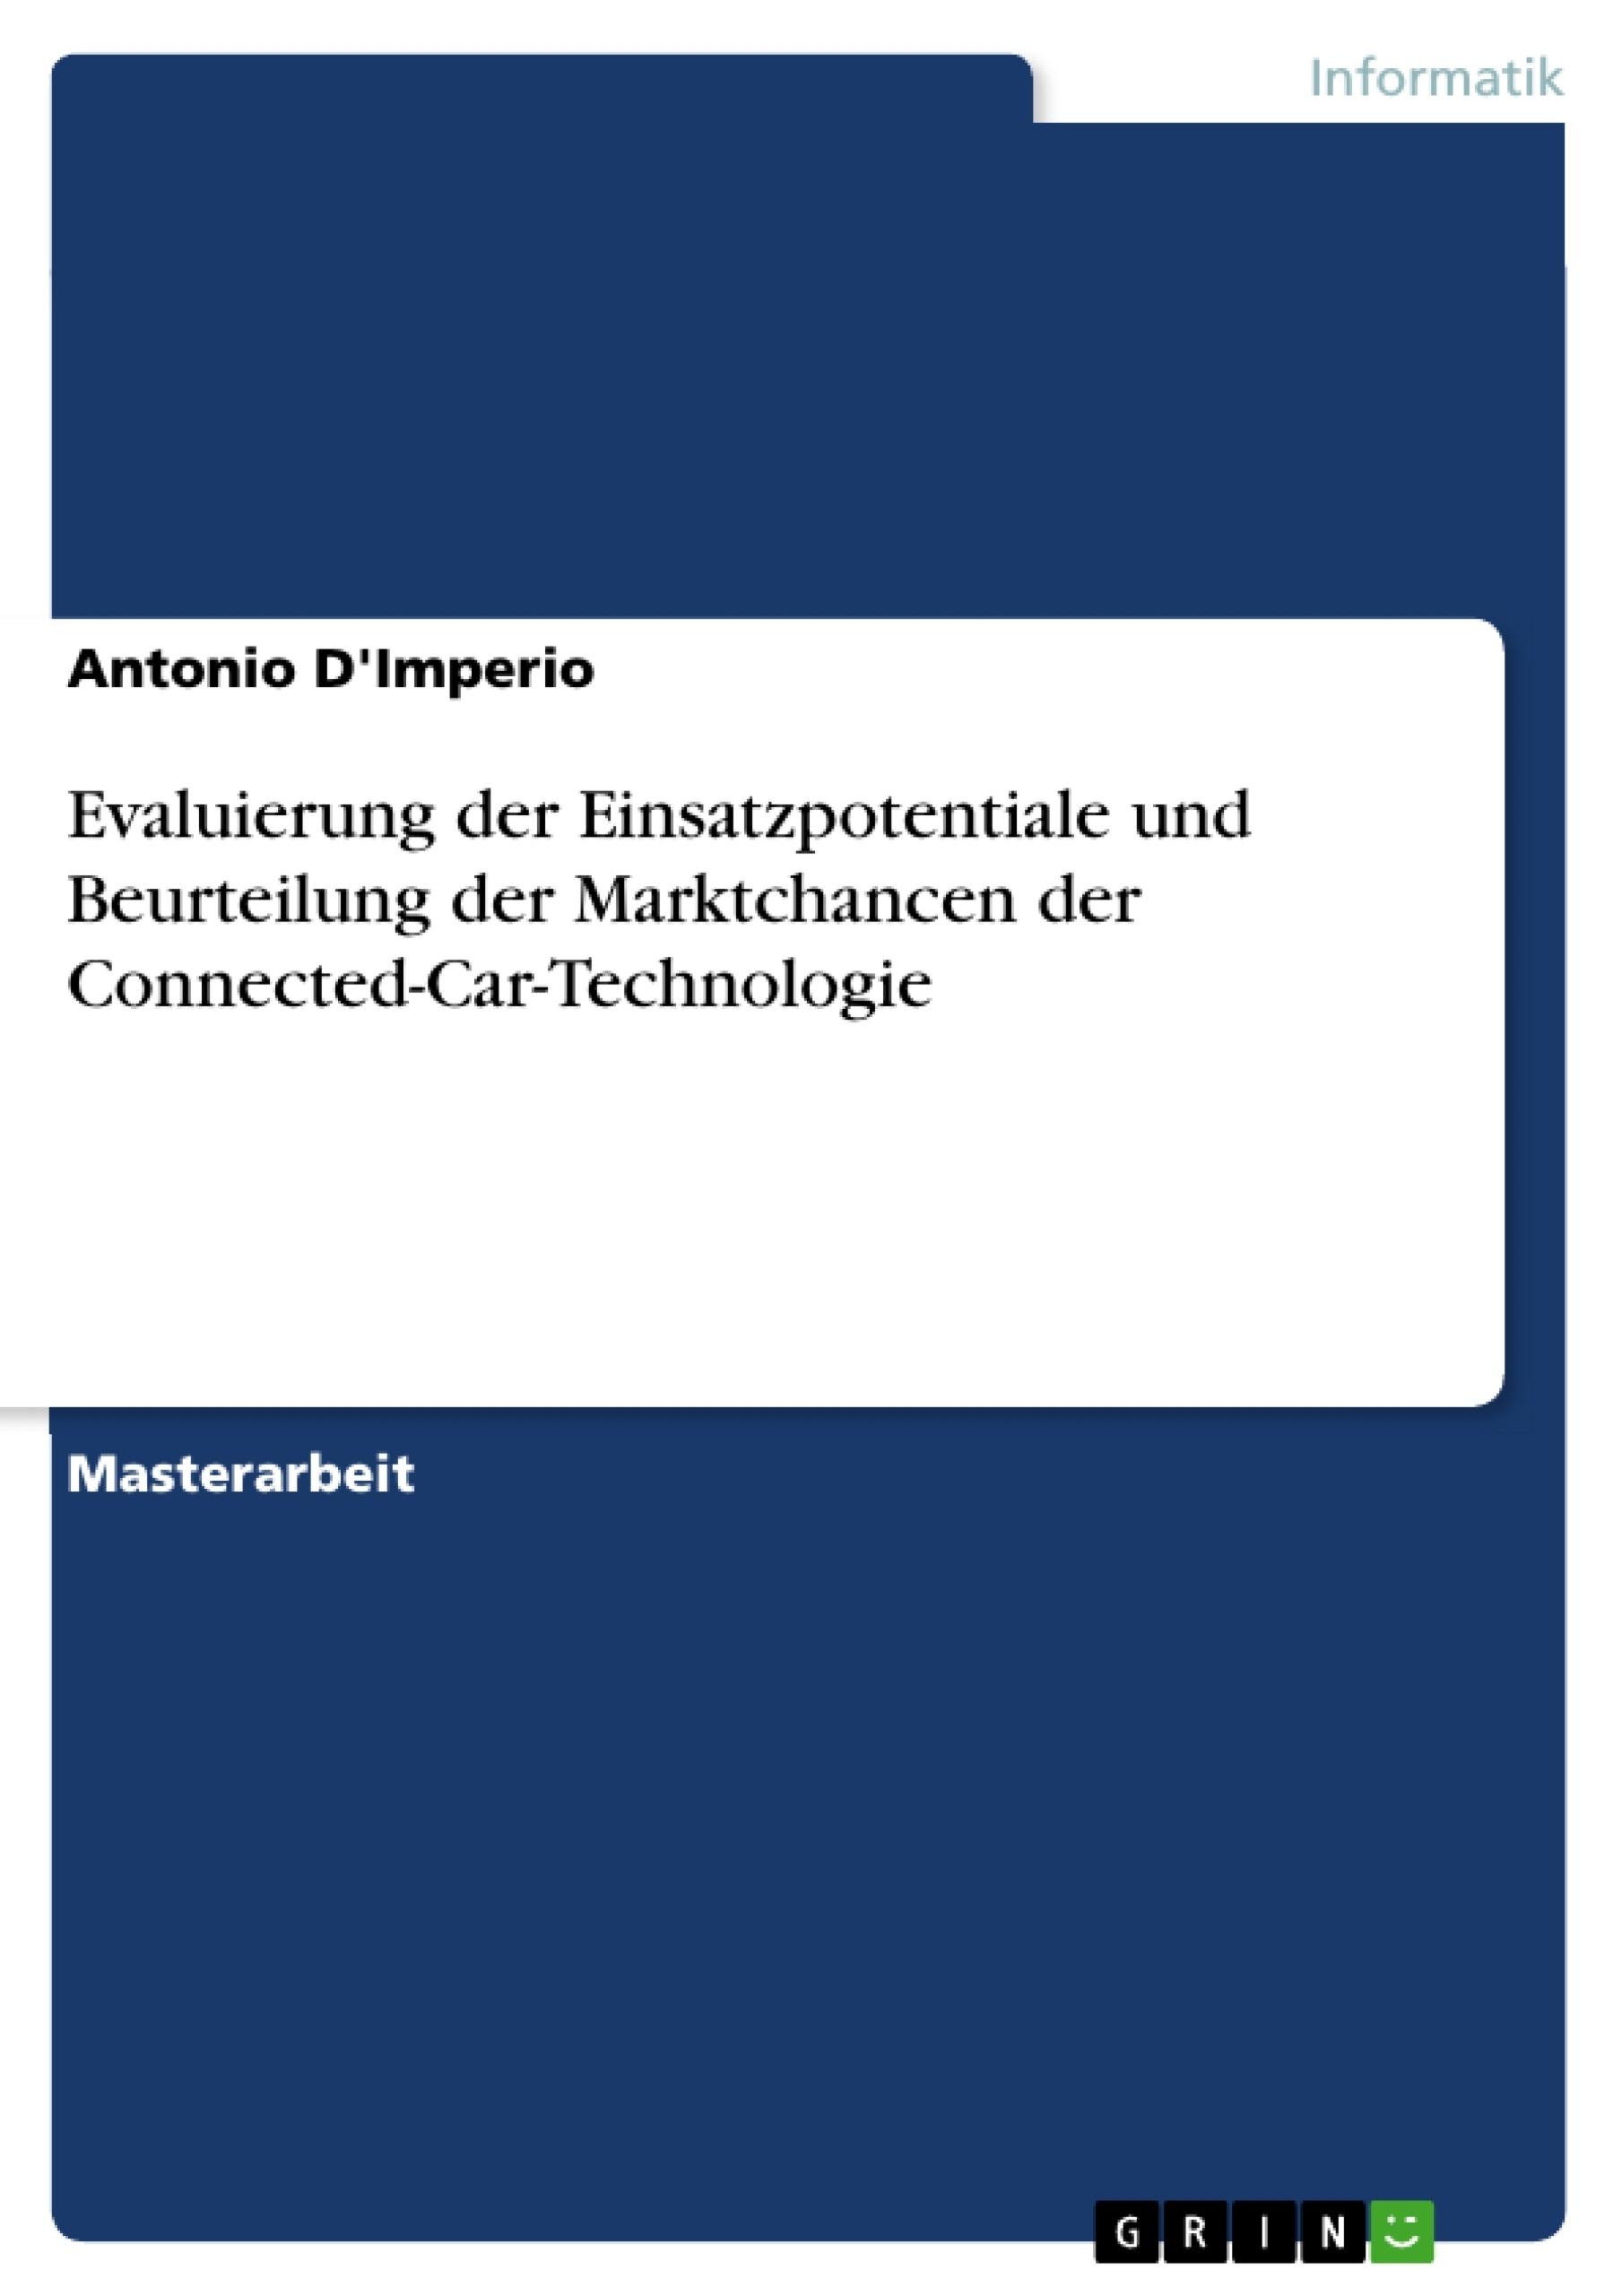 Titel: Evaluierung der Einsatzpotentiale und Beurteilung der Marktchancen der Connected-Car-Technologie